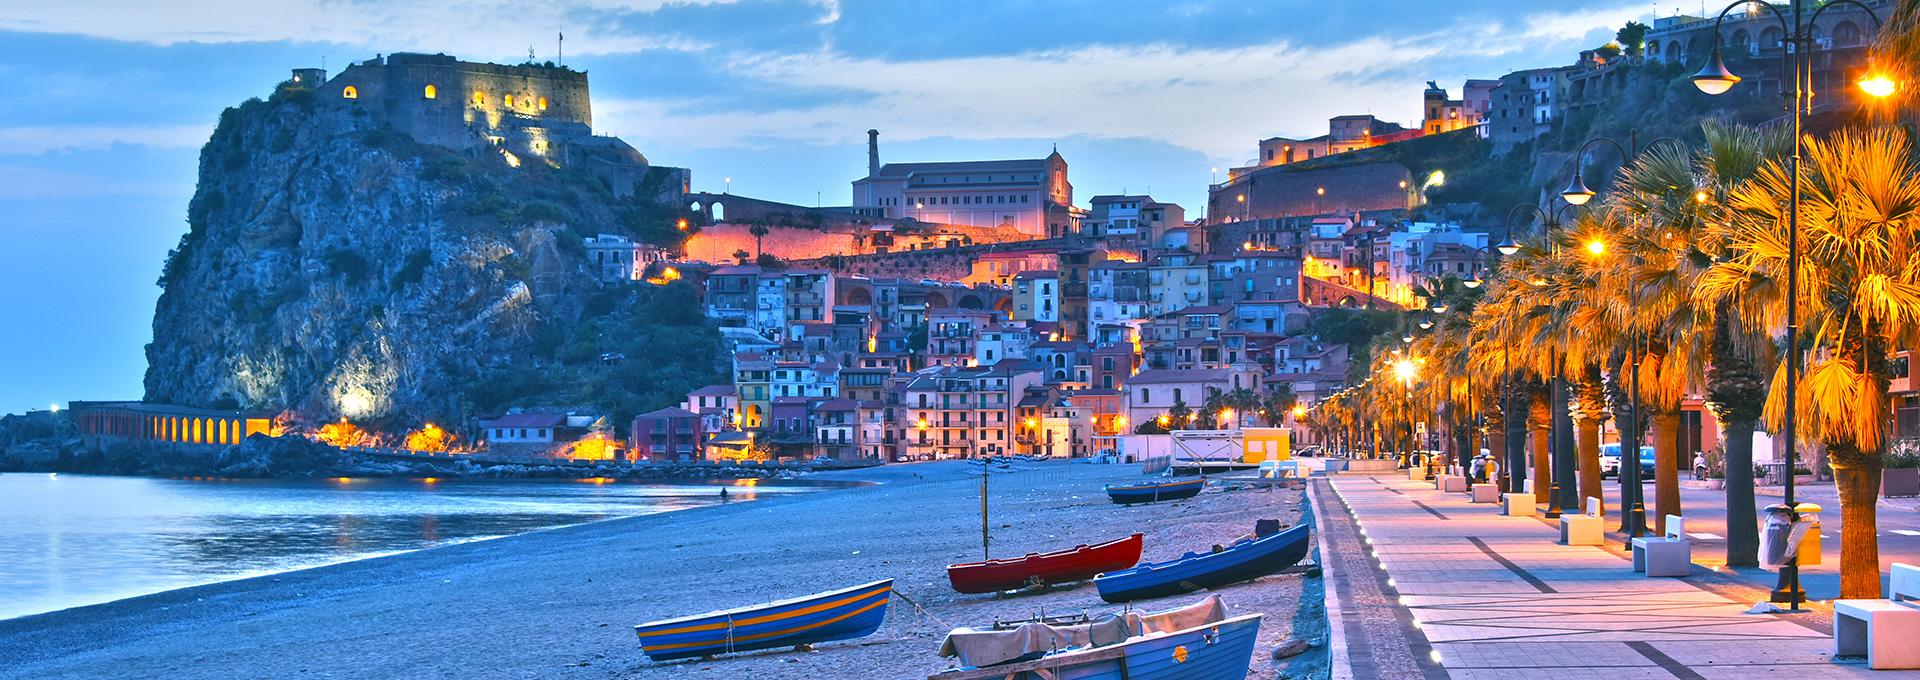 Slide_Reggio_Calabria_1920x680